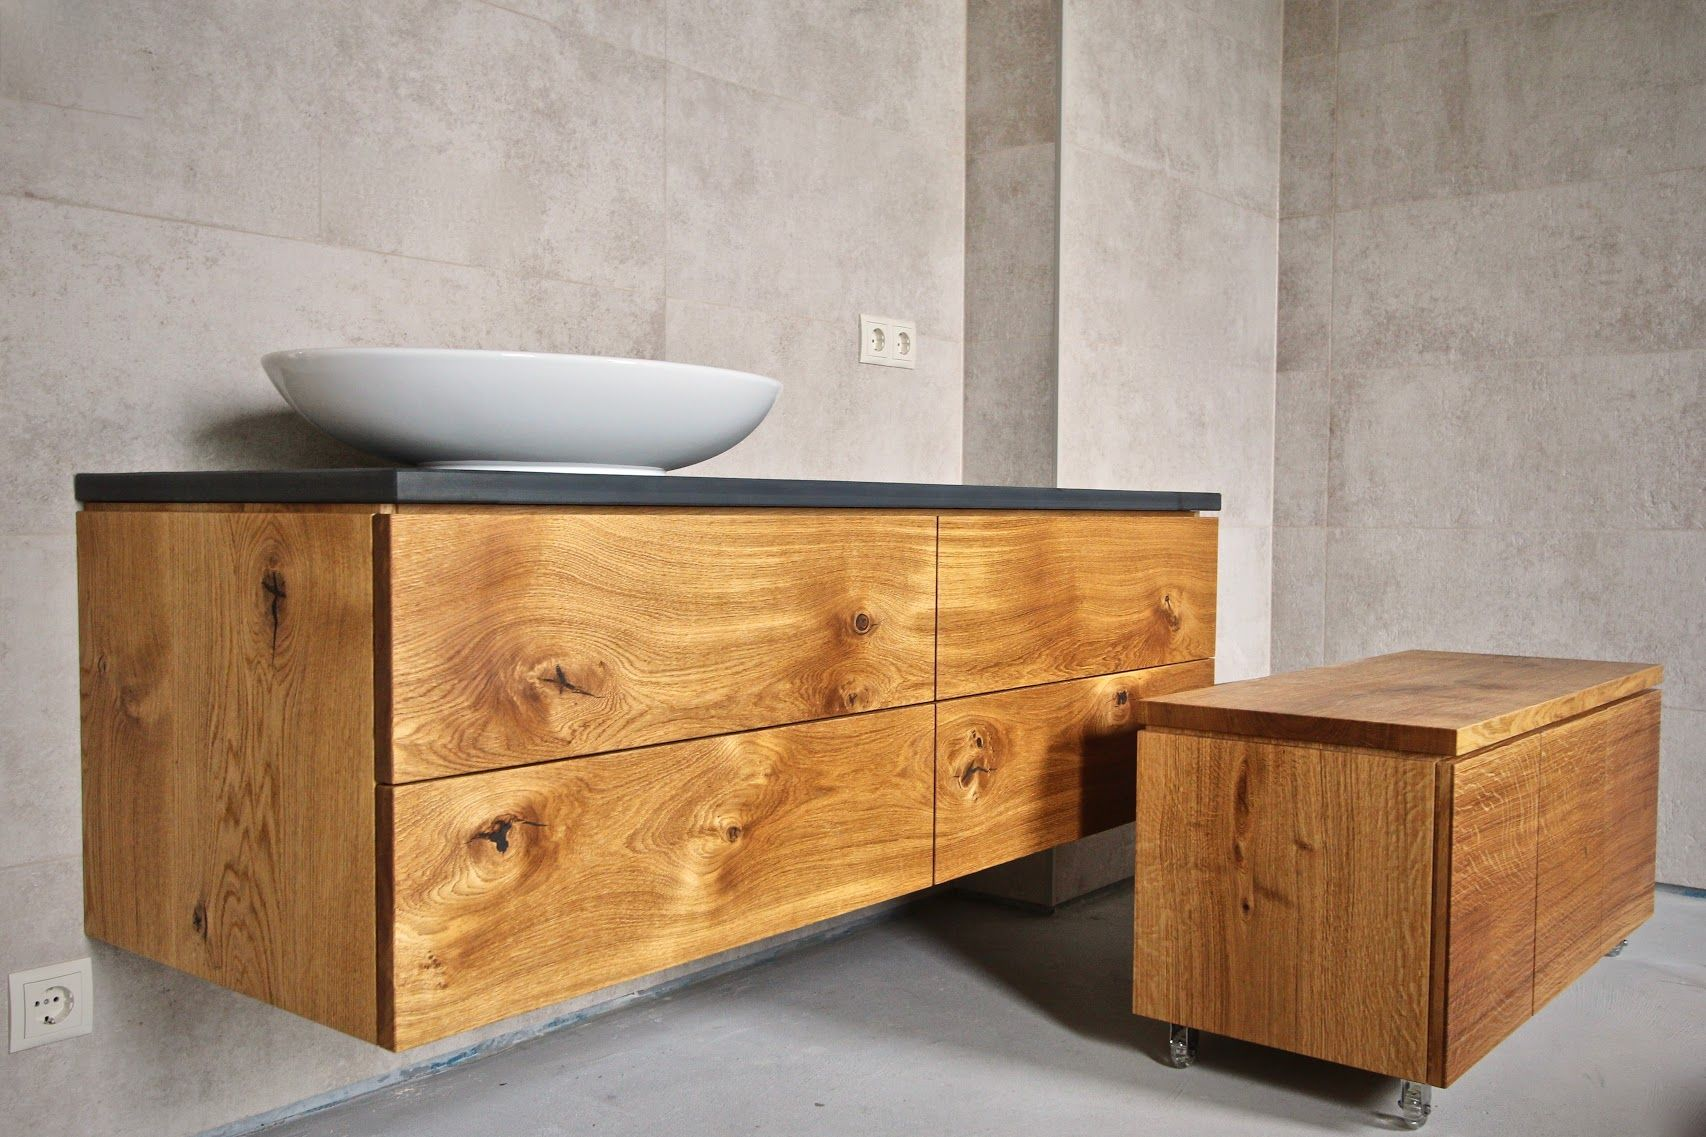 Genial badmöbel aus massivholz Badezimmer bauen